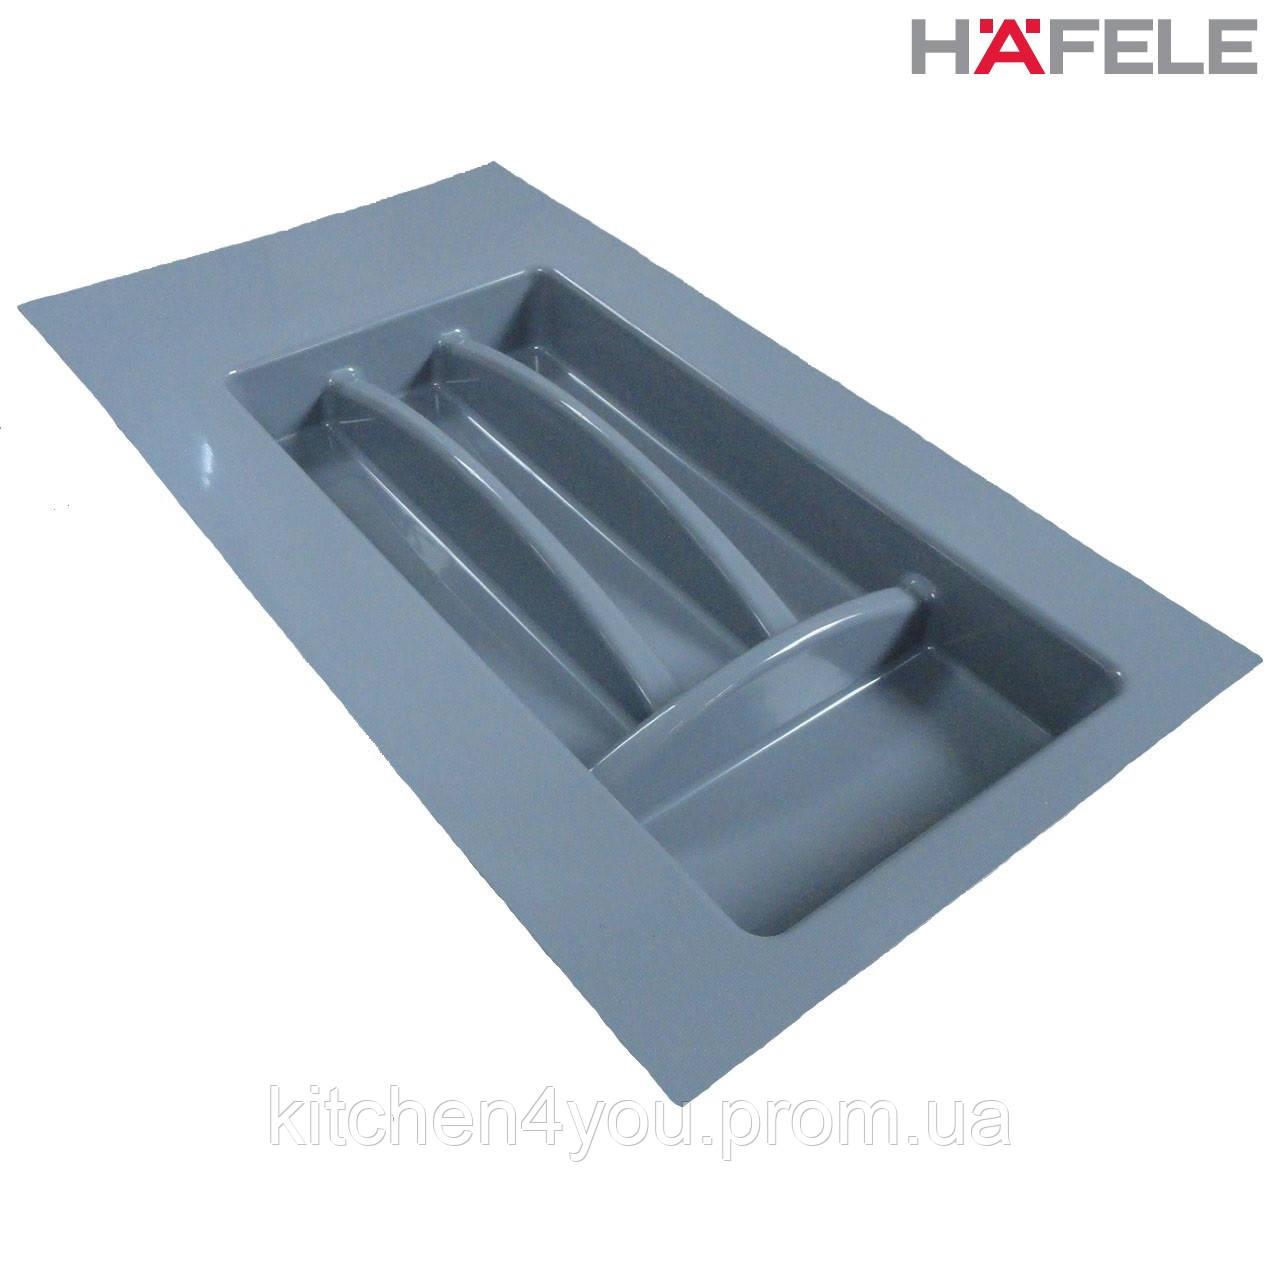 Лоток для столовых приборов серый Hafele (Германия) в ящик 300 мм. 281х498